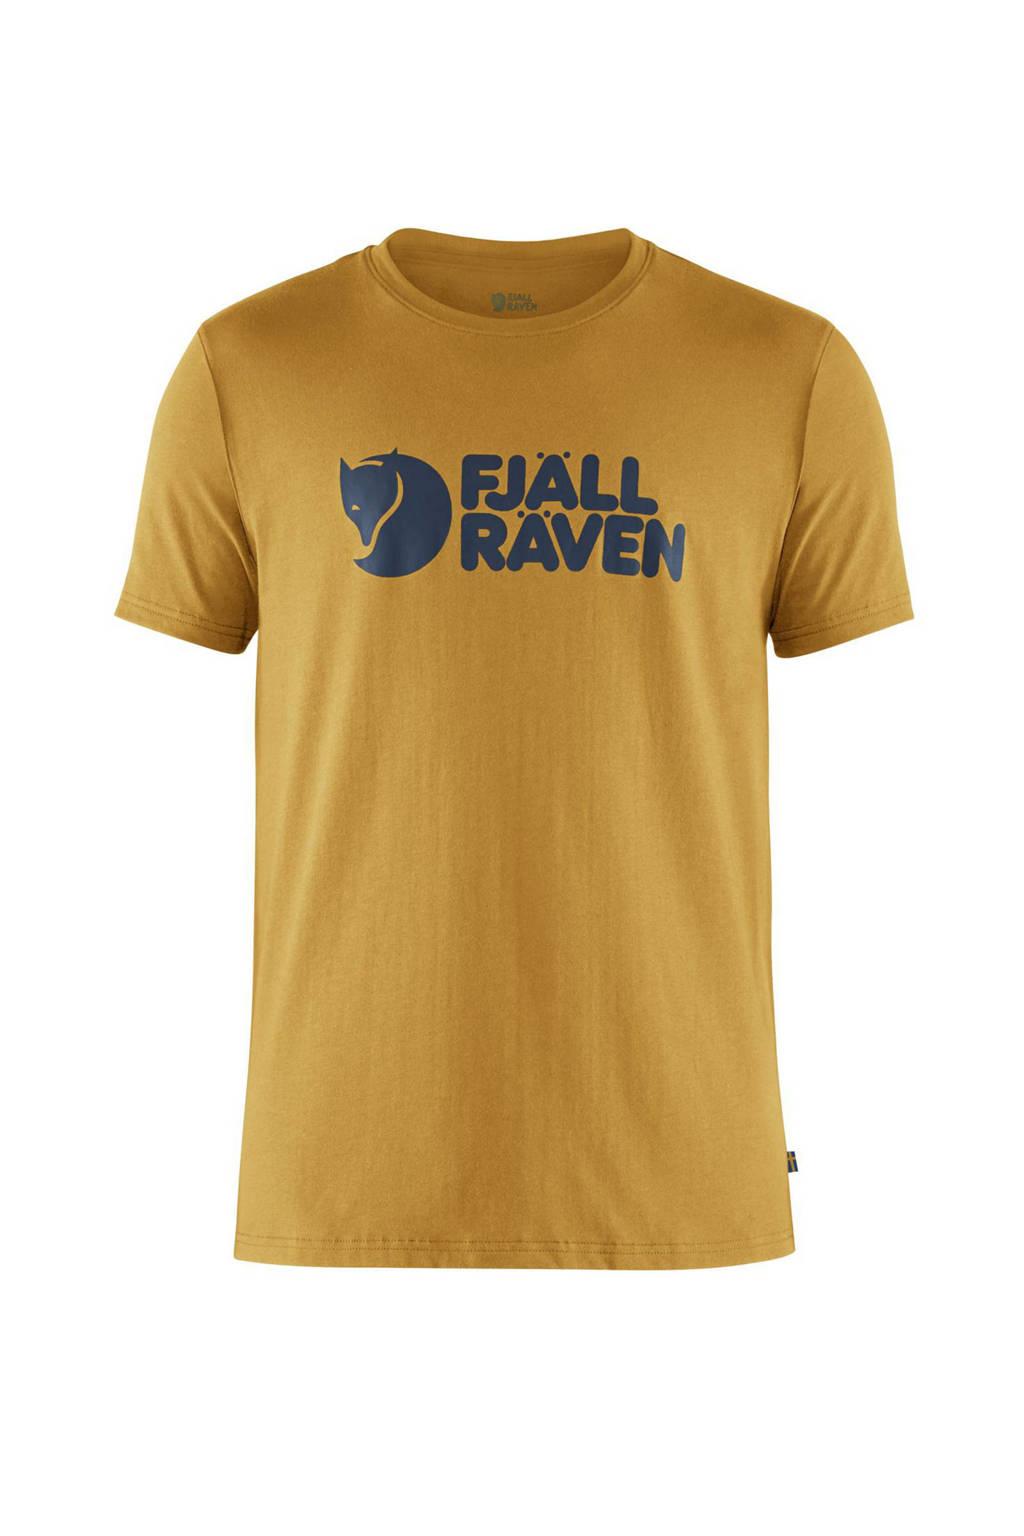 Fjällräven T-shirt geel, Ochre